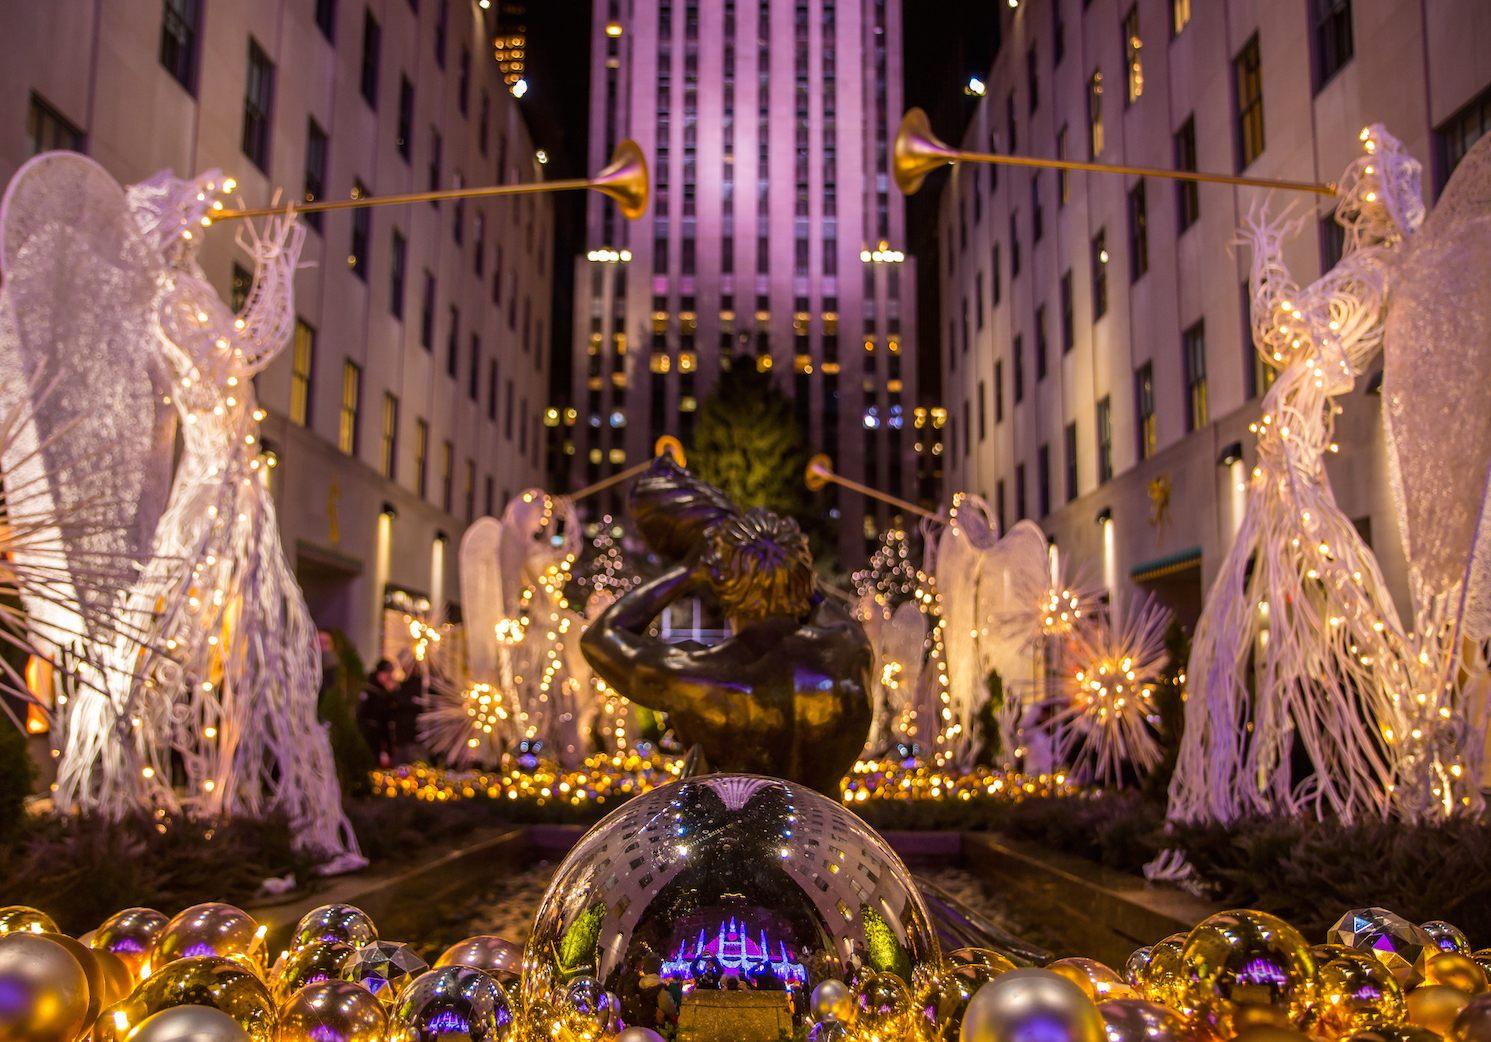 Tour De Lit Violet Fraîche Nyc Christmas Windows A Free Walking tour Self Guided